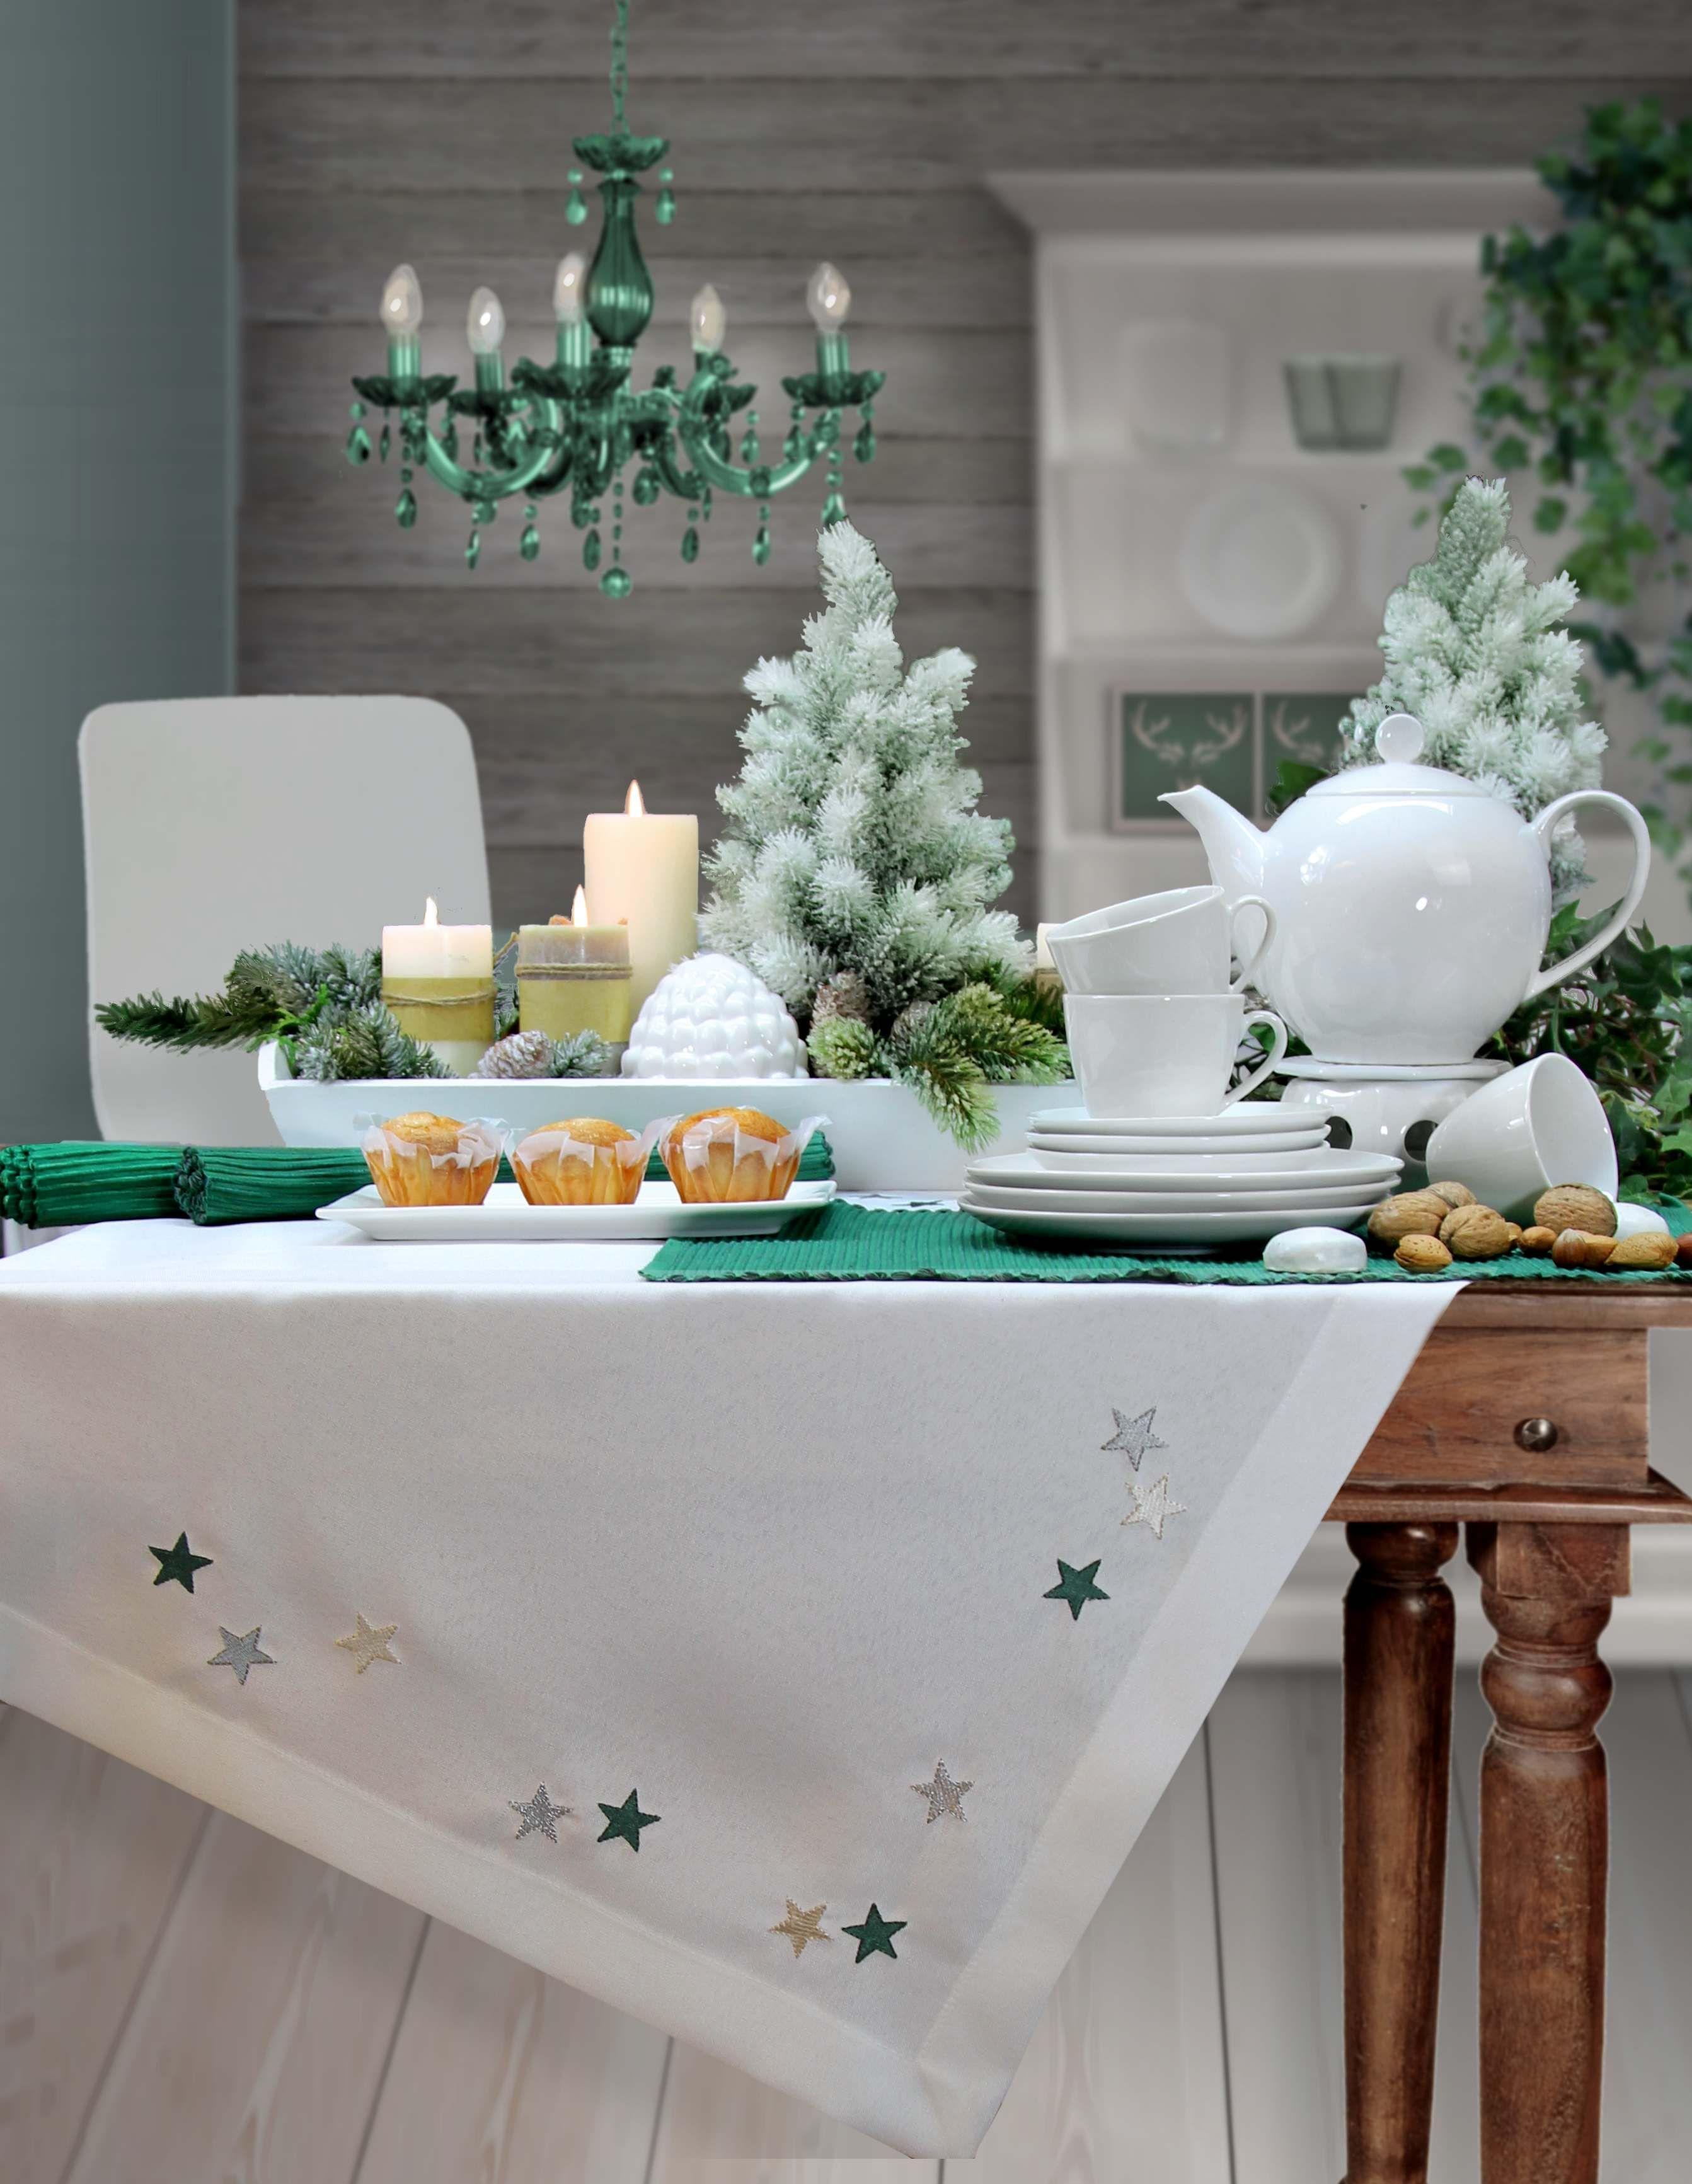 weihnachtstischdecke von sander x mas tischdecke n hen weihnachtstisch und deckchen. Black Bedroom Furniture Sets. Home Design Ideas